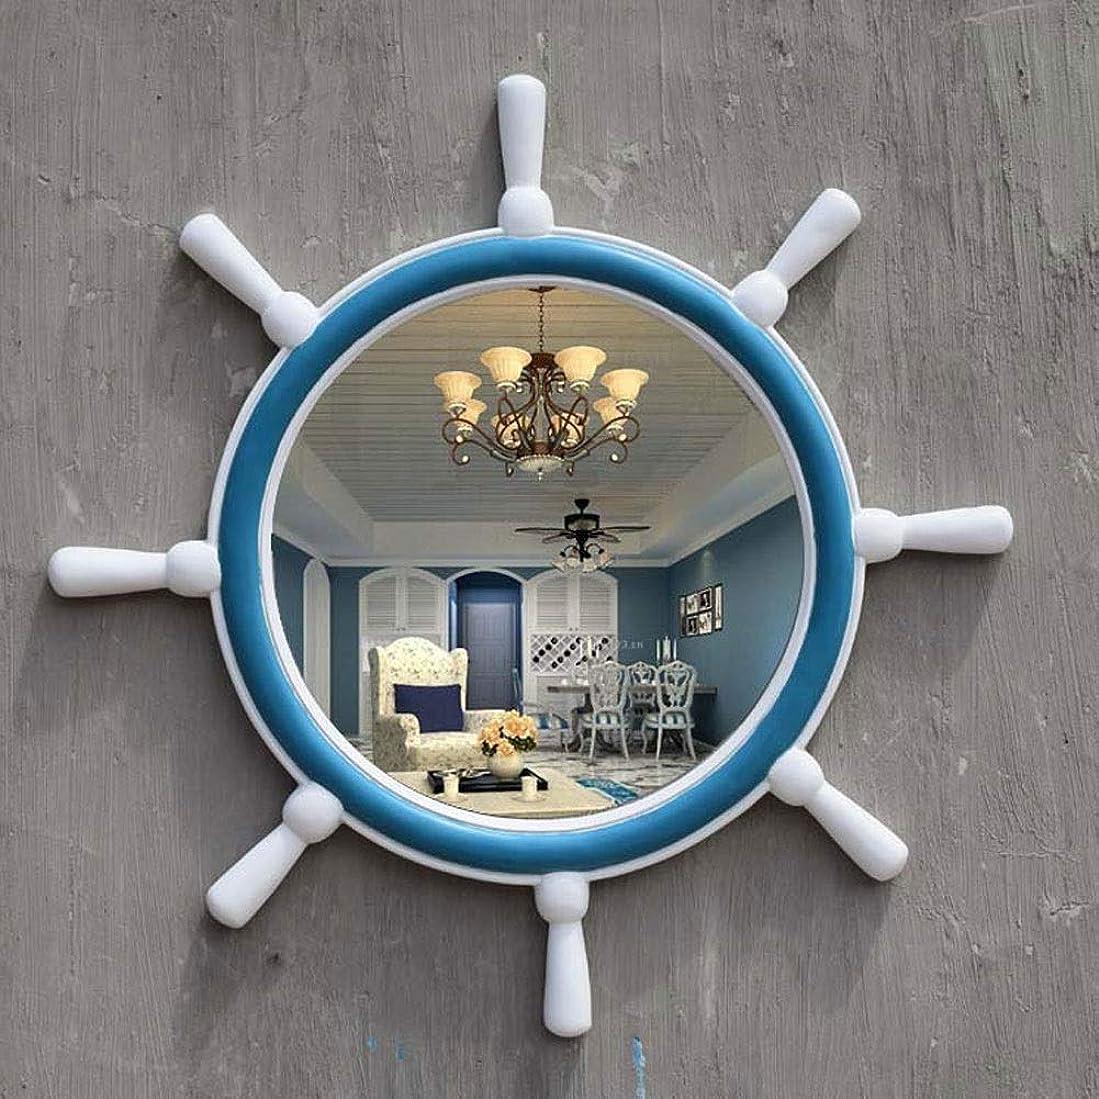 医療過誤クスコ構造バスルームミラー地中海スタイルメイクアップミラーポーチ装飾ミラーウォールミラー-71